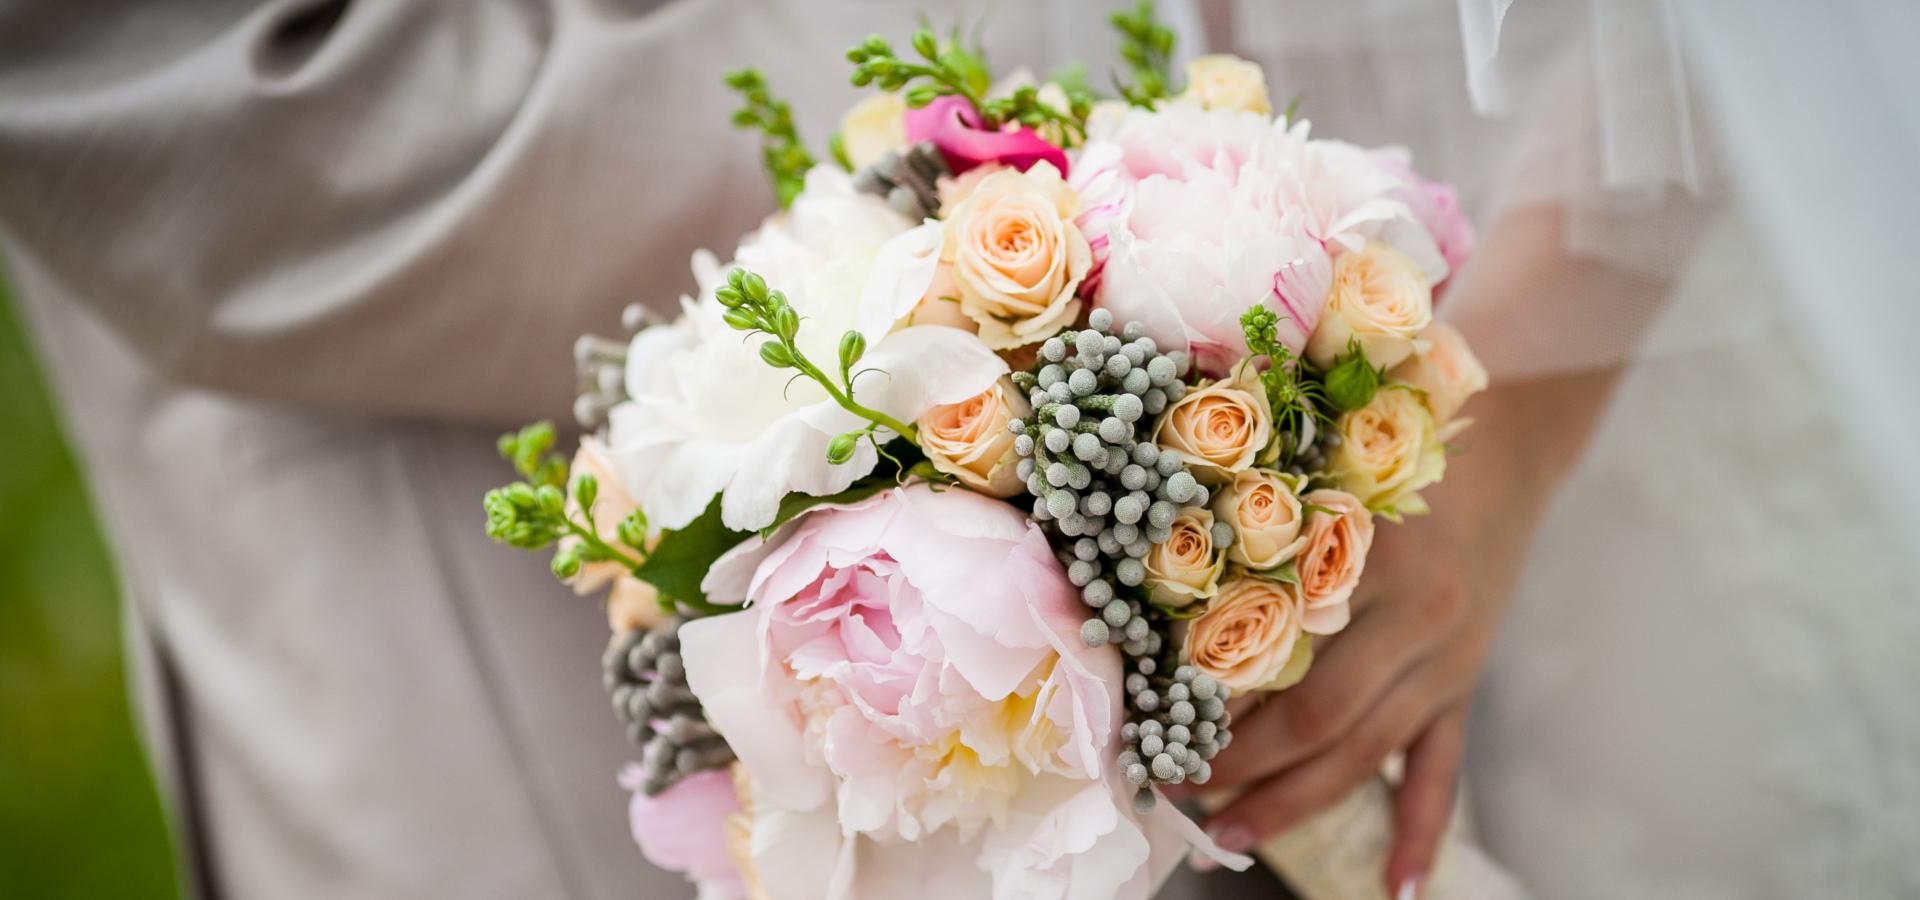 Какие плюсы и минусы свадьбы весной?